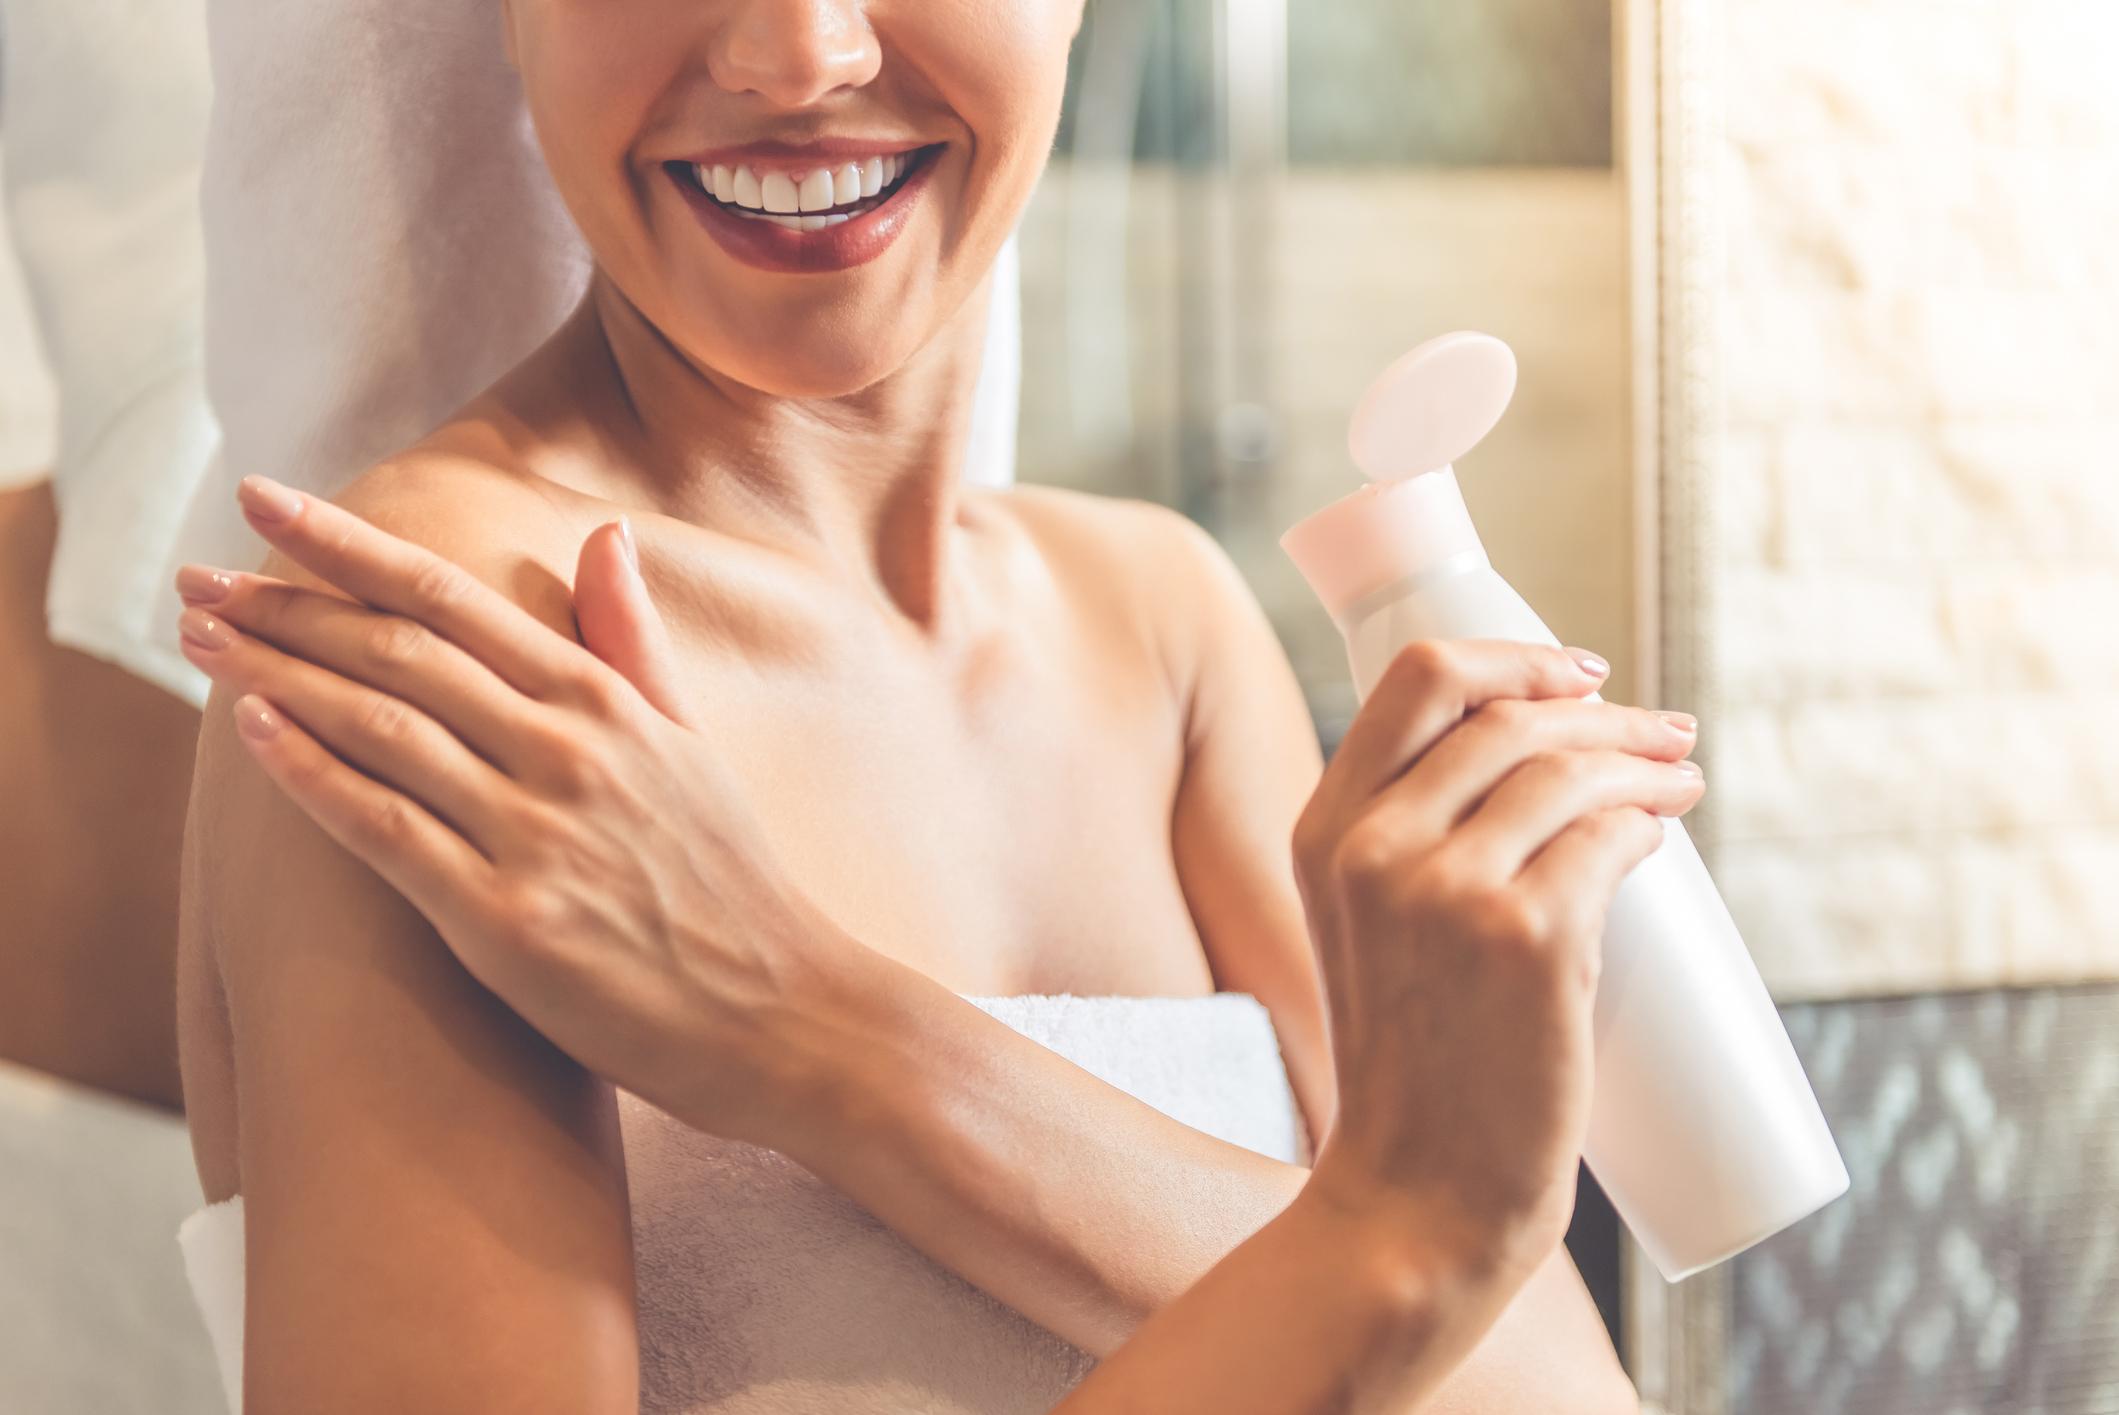 El baño o ducha forma parte de los cuidados fundamentales de la psoriasis. 0a3248f280dc